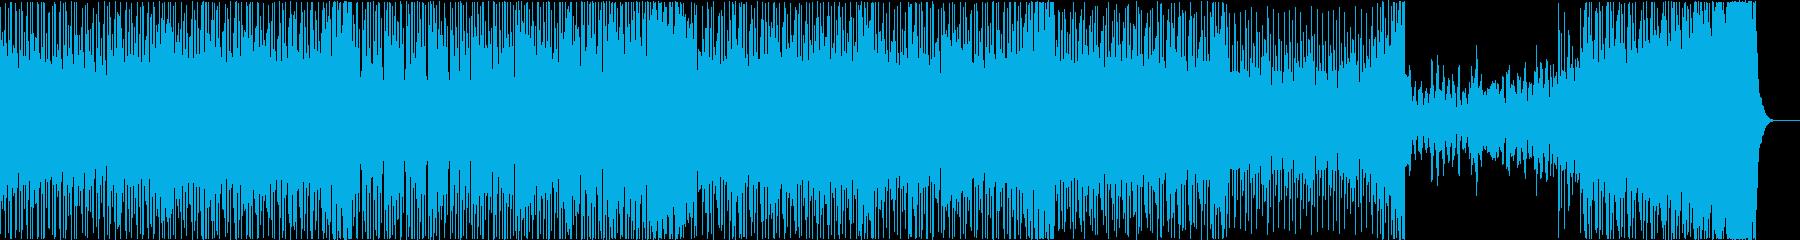 フルート ハウス ライトな感じ おしゃれの再生済みの波形